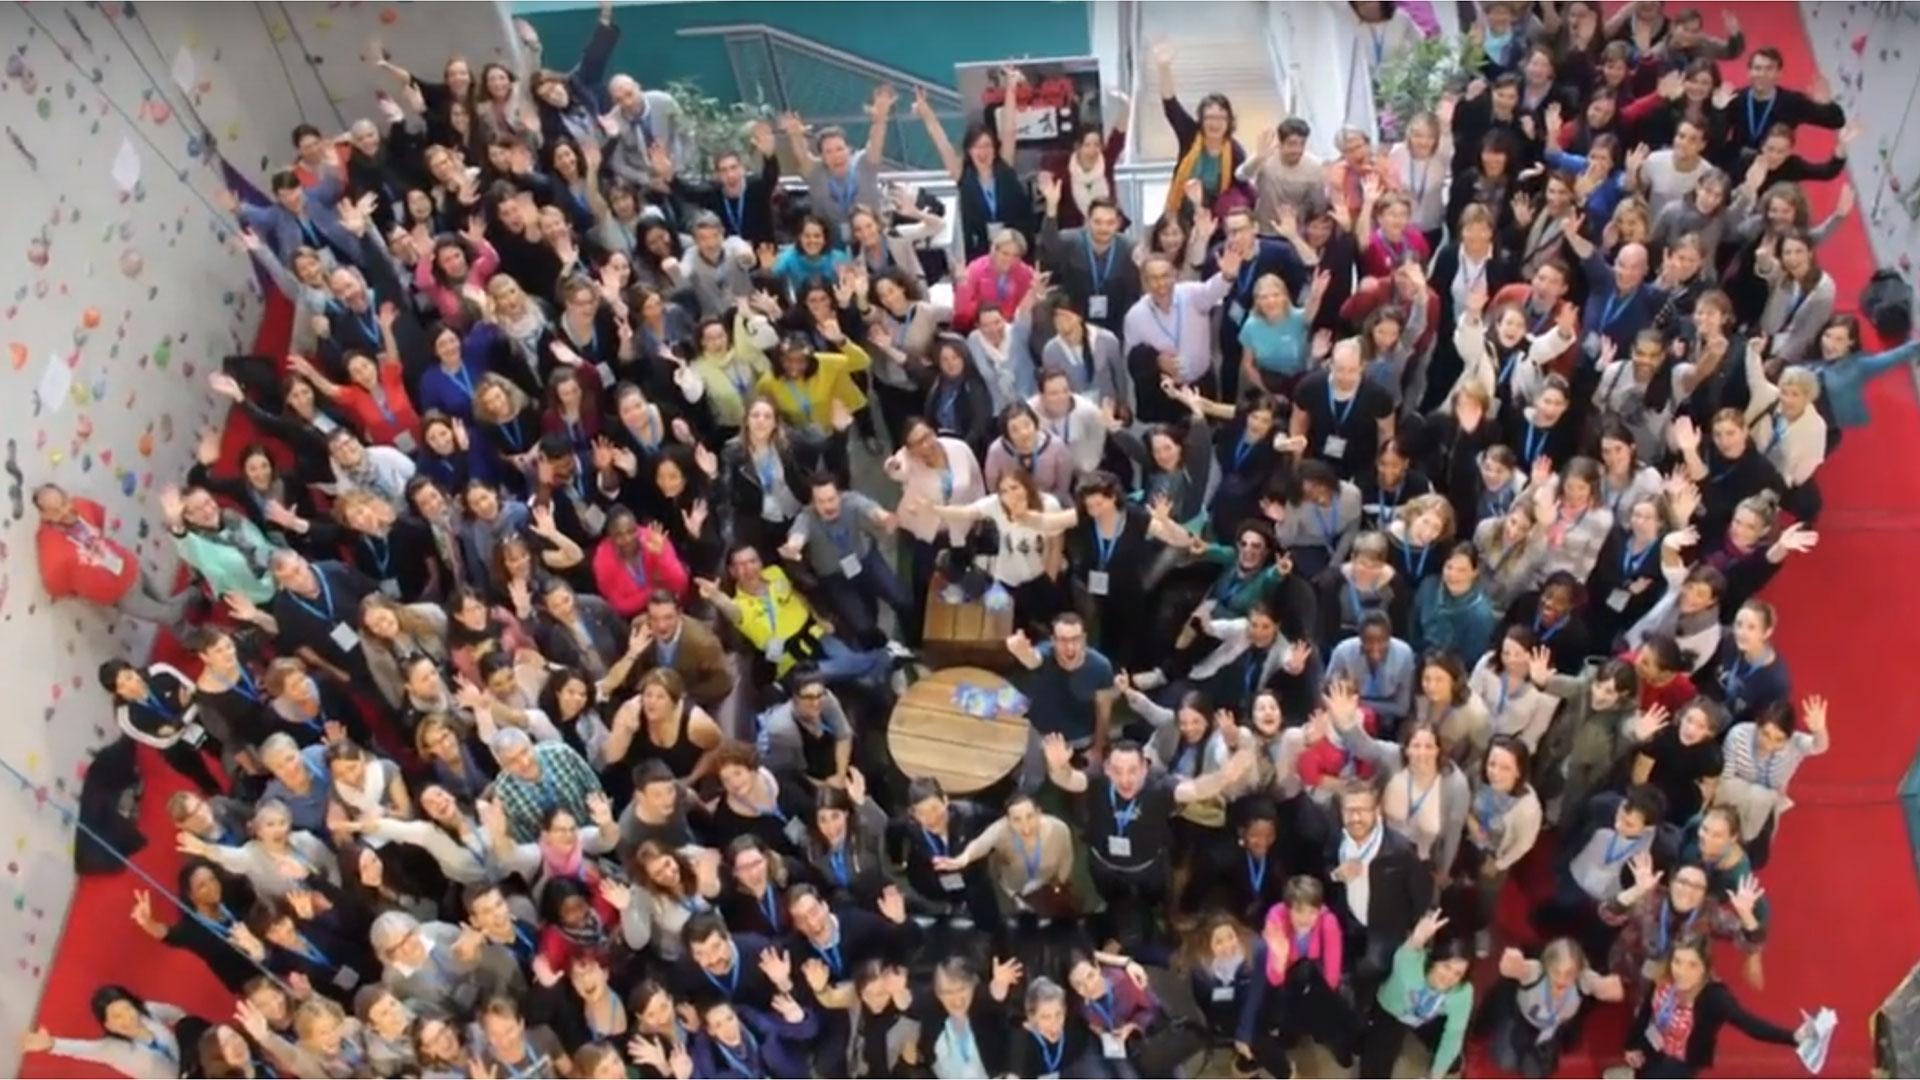 groupe de personnes levant les mains en l'air